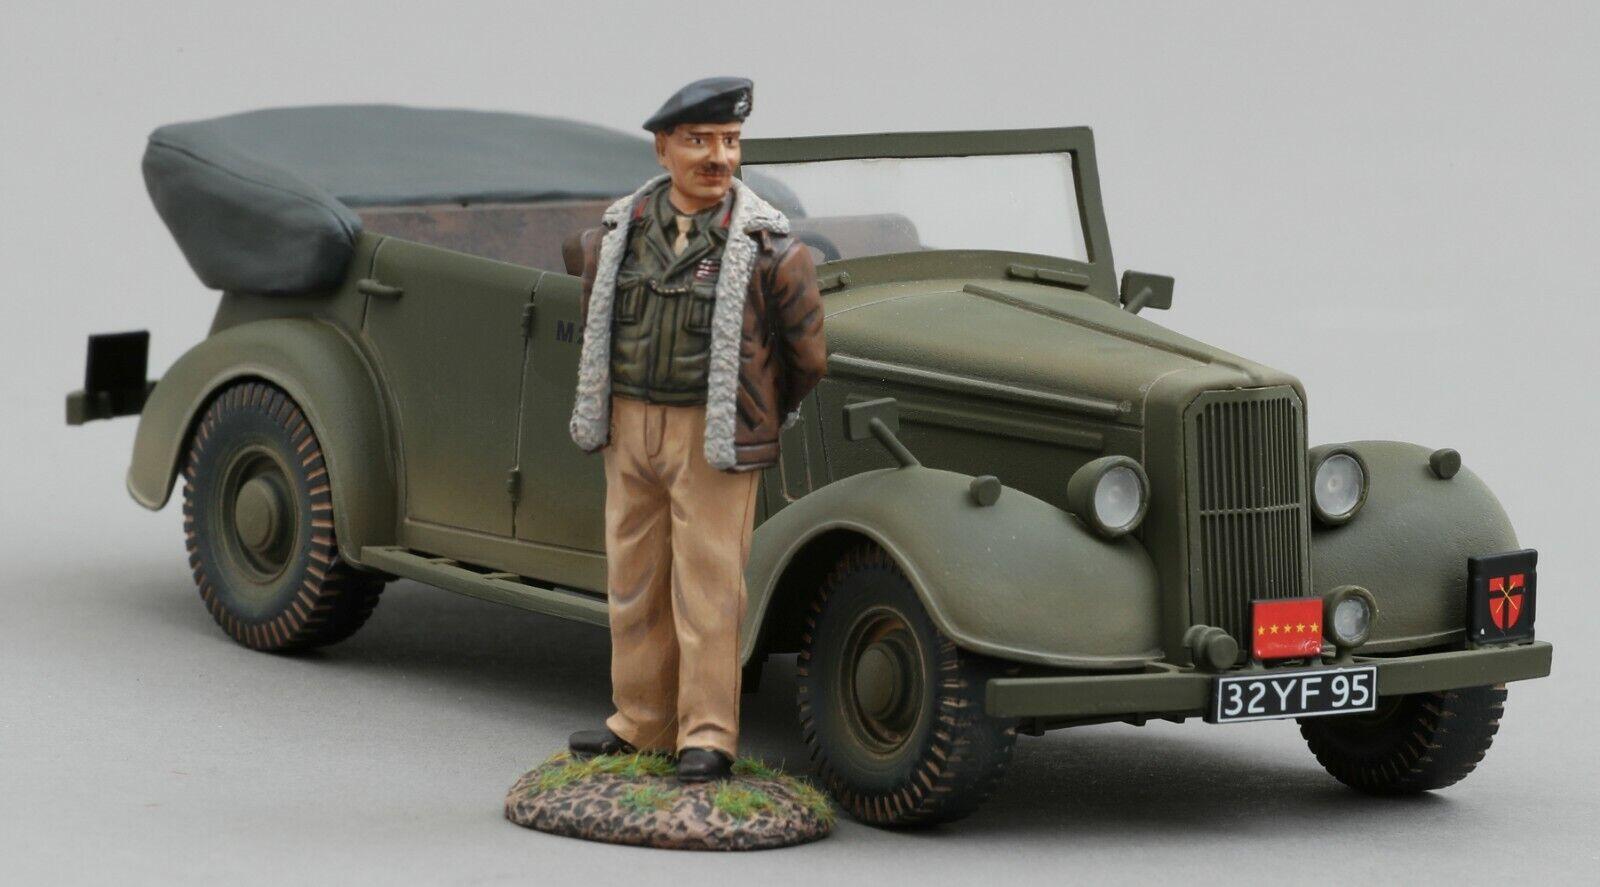 THOMAS GUNN WW2 AMERICAN GB011D ALLIED STAFF CAR OLIVE DRAB VERSION WITH MONTY